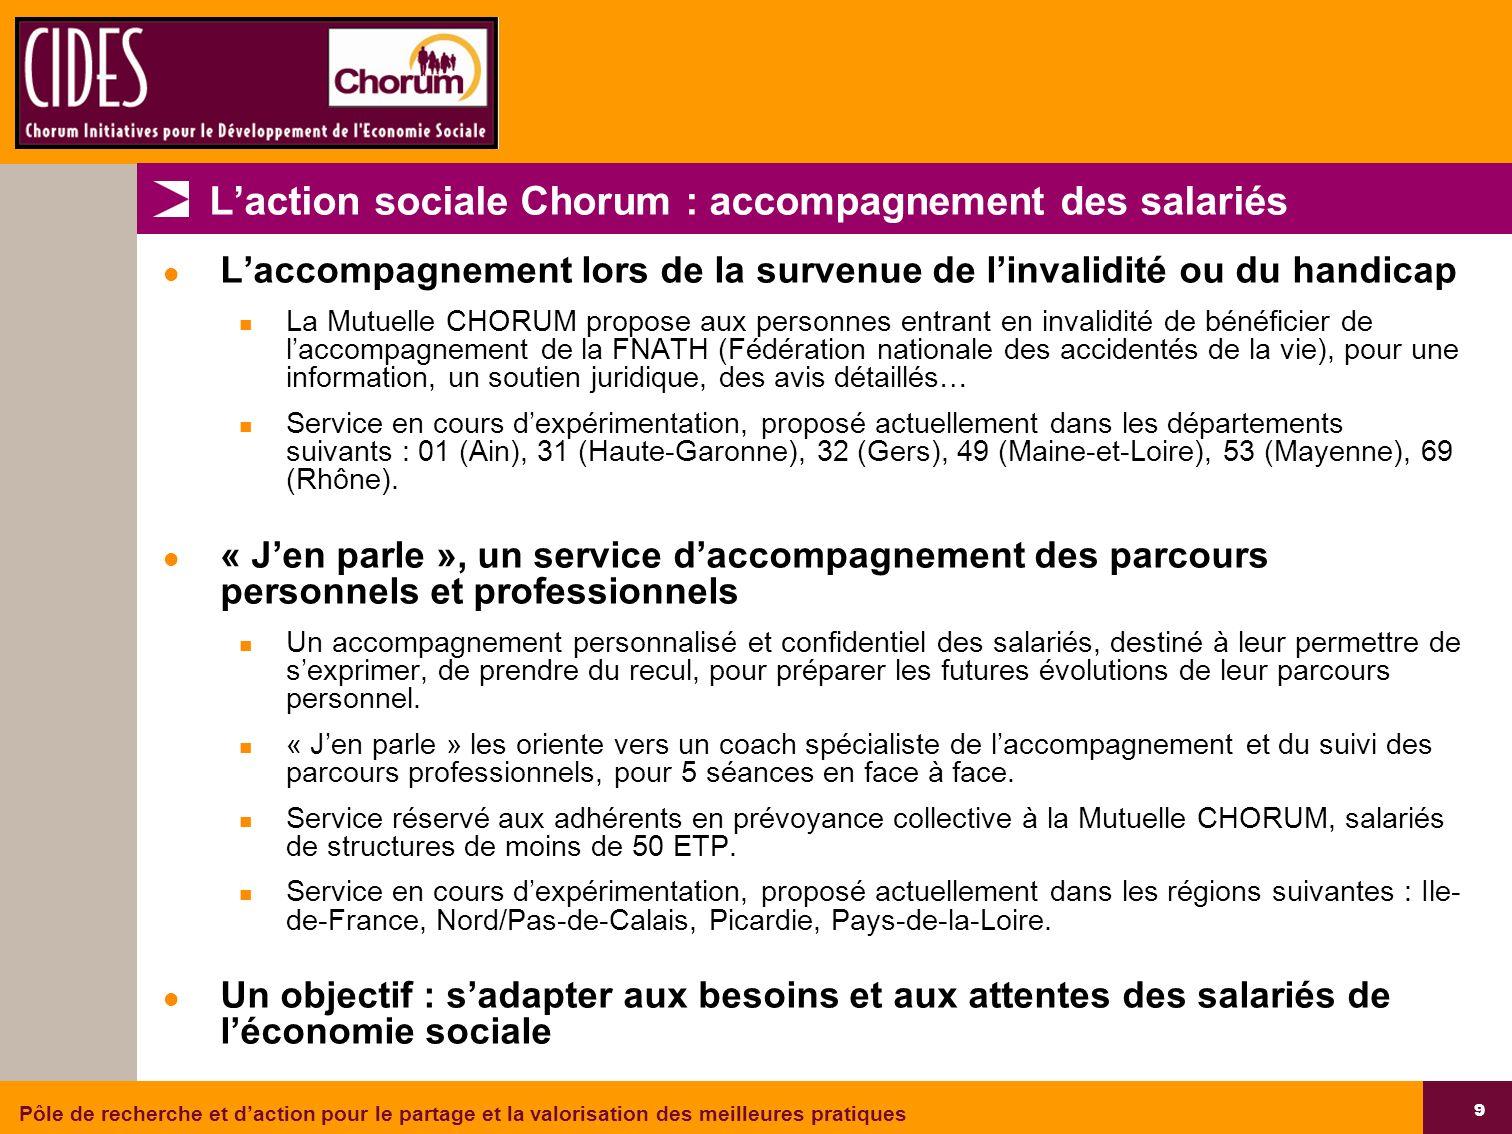 L'action sociale Chorum : accompagnement des salariés